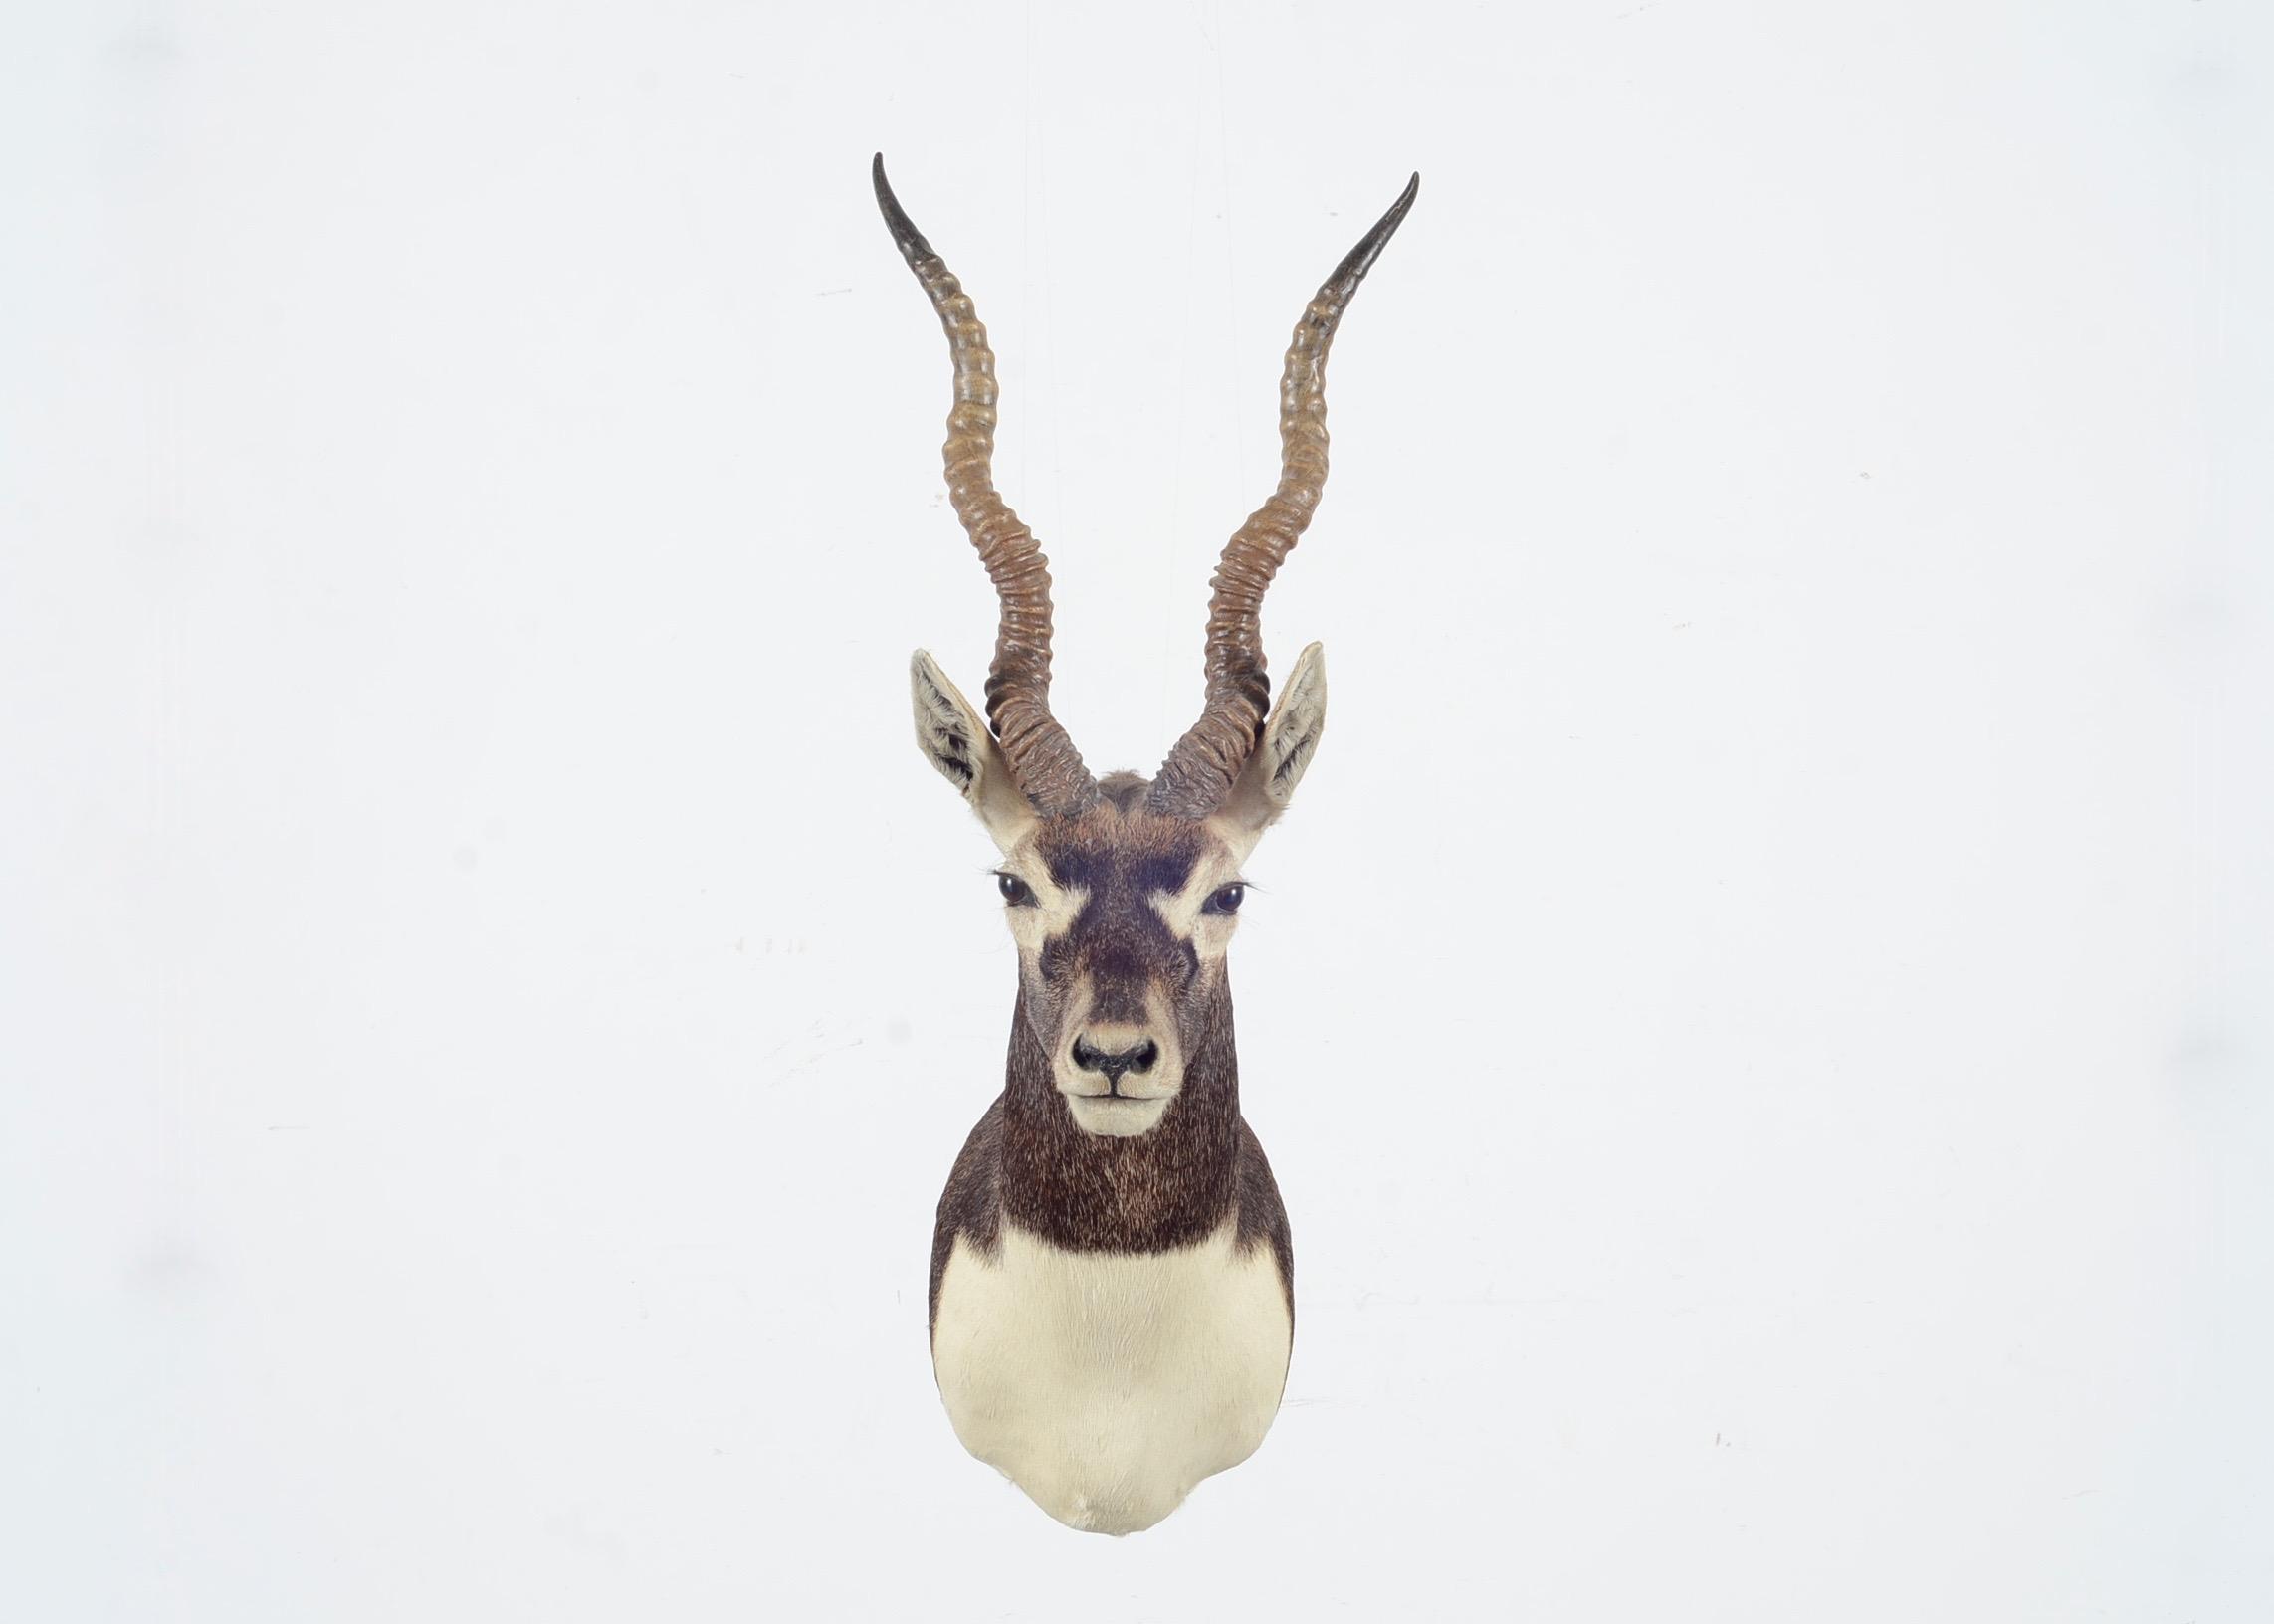 Blackbuck antelope mount - photo#18